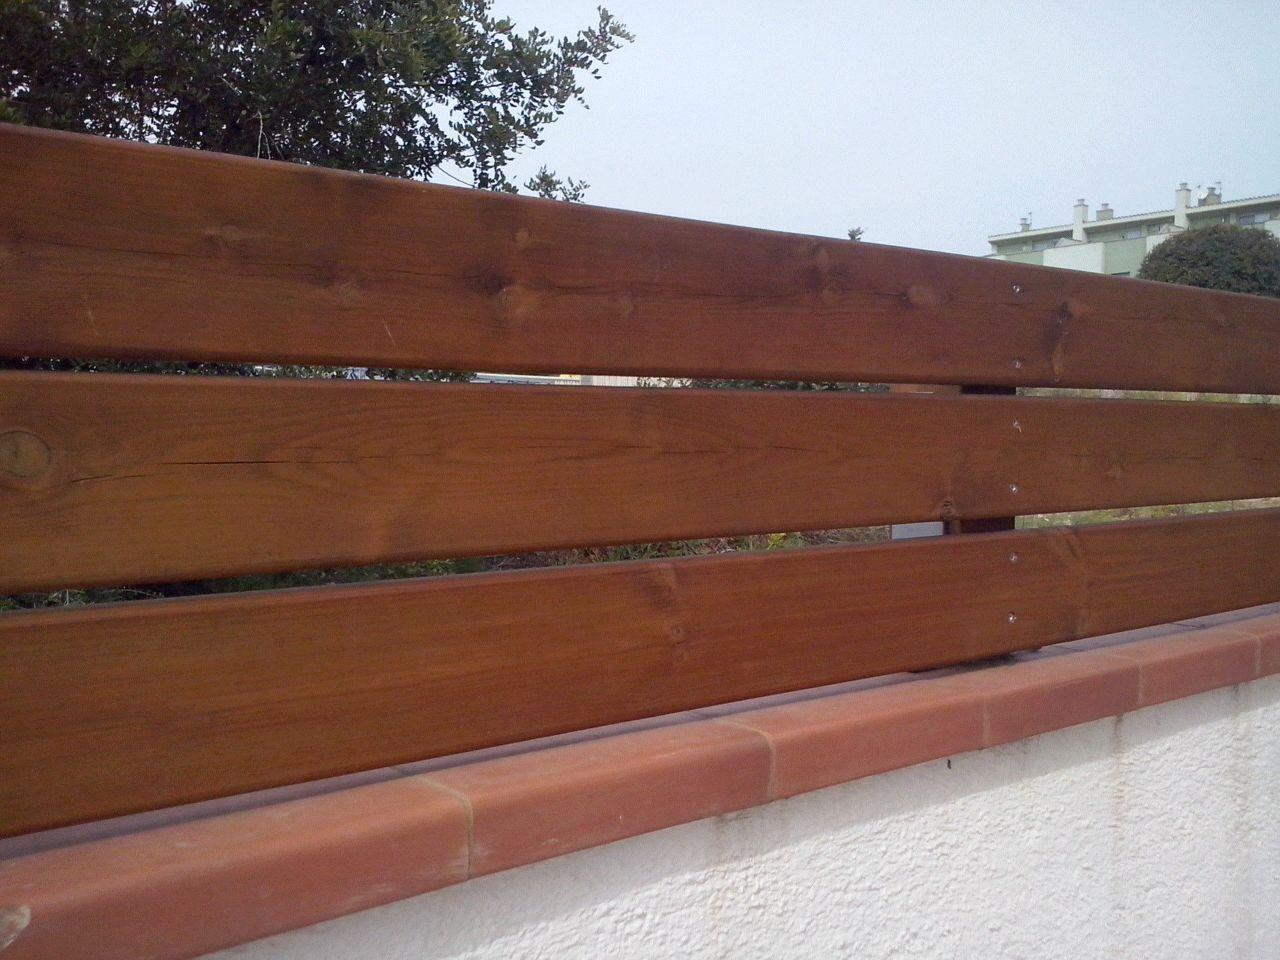 Valla pino FLANDES, tornill. vista 120 cm ancho x 150 cm alto, 1 poste, 1 ancla galvan, torn. inox